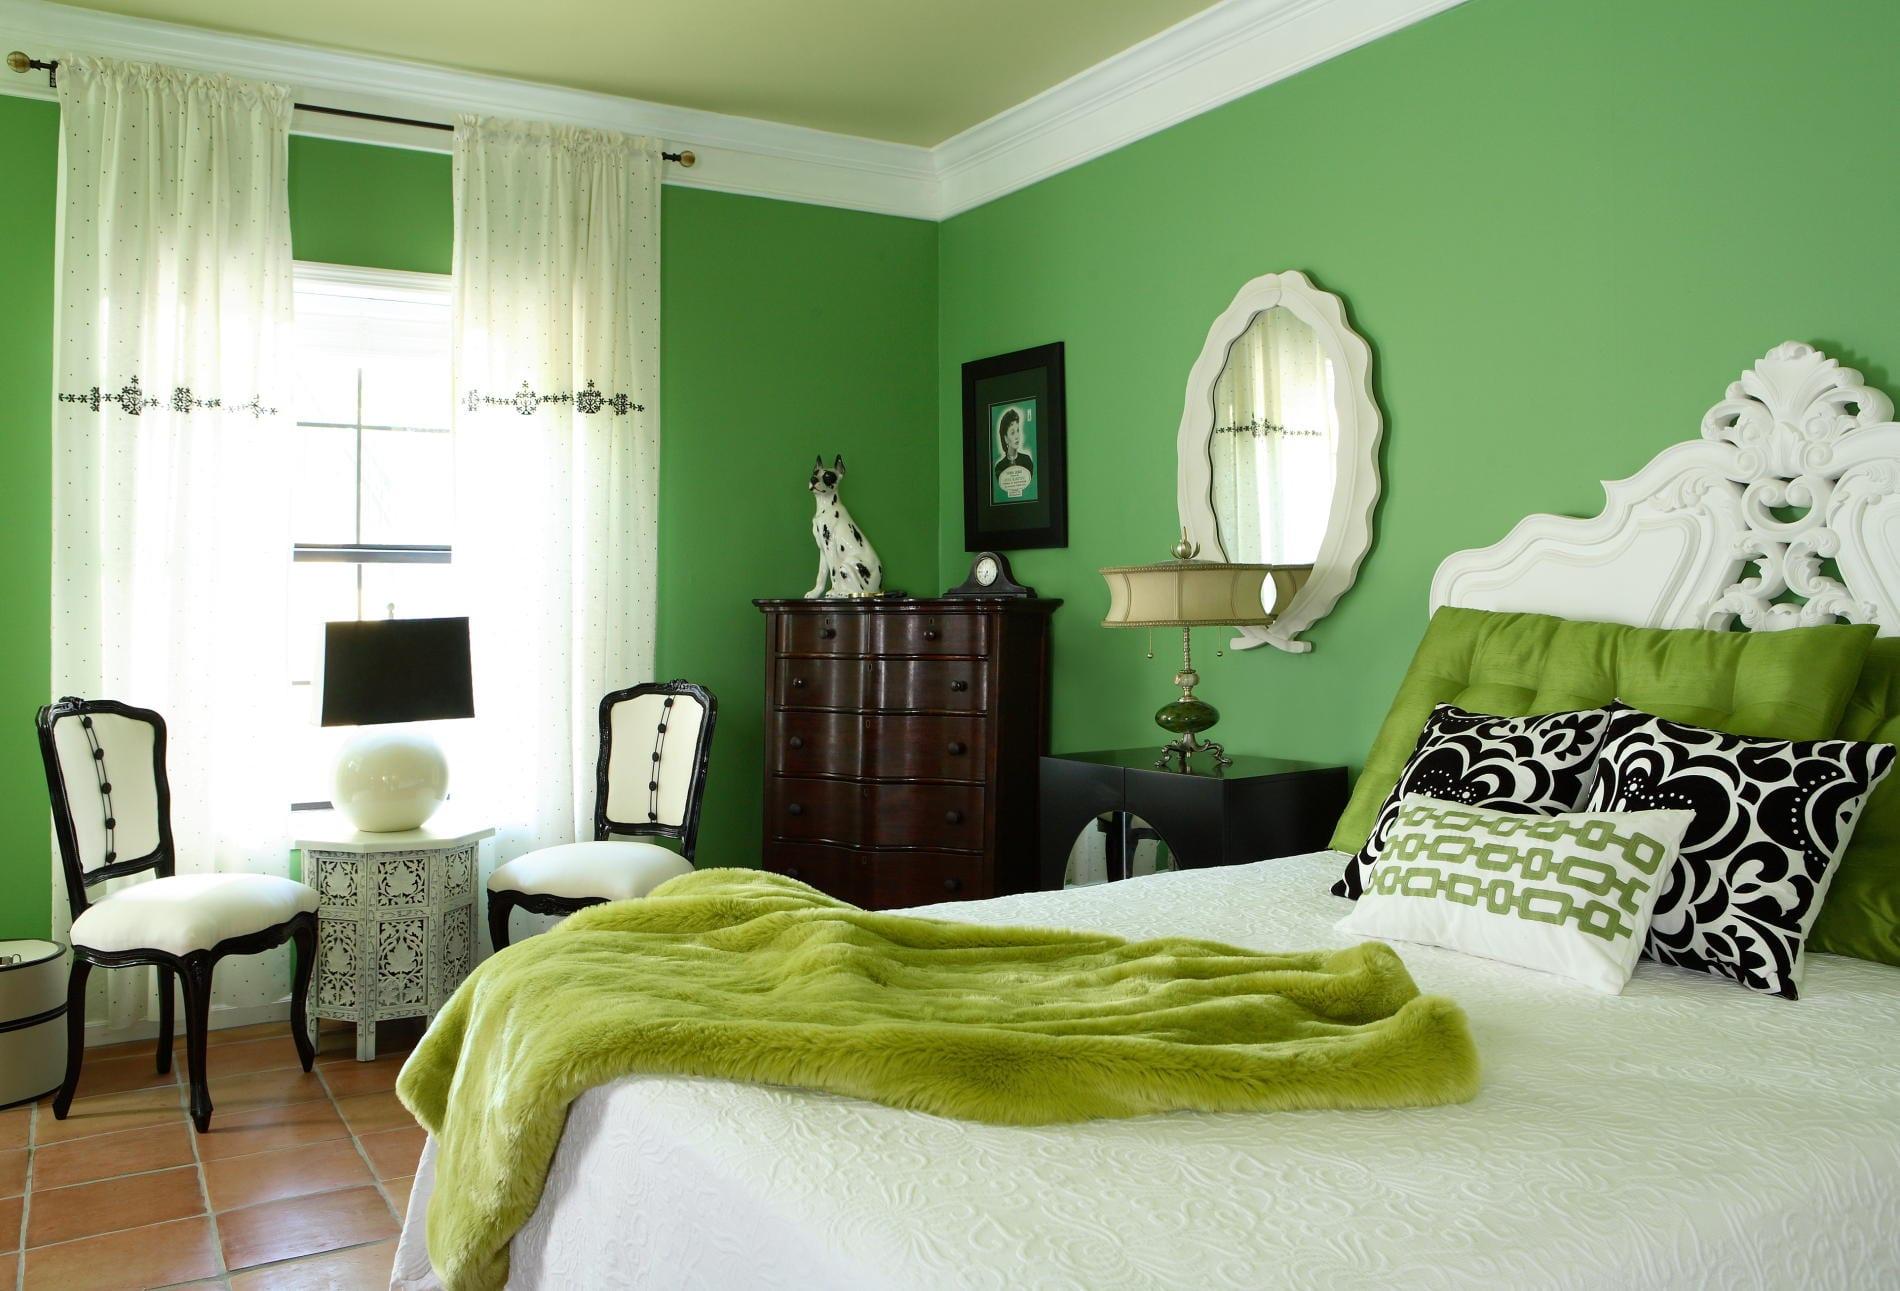 Schon Schlafzimmer Inspiration Mit Wandfarbe Grün Im Barock